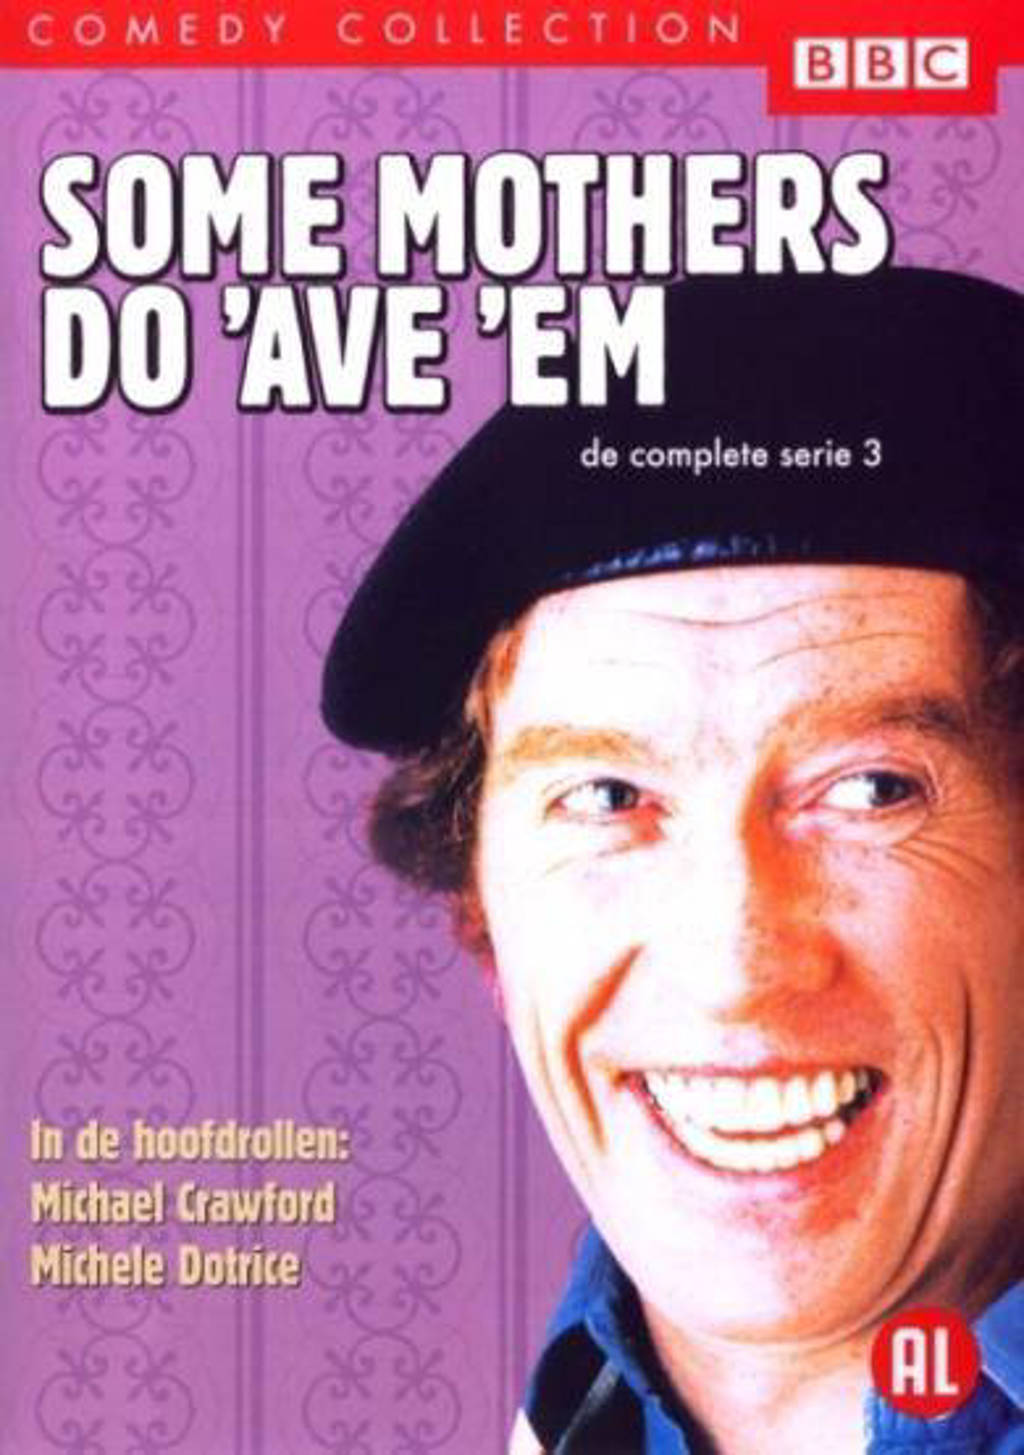 Some mothers do ave em - Seizoen 3 (DVD)